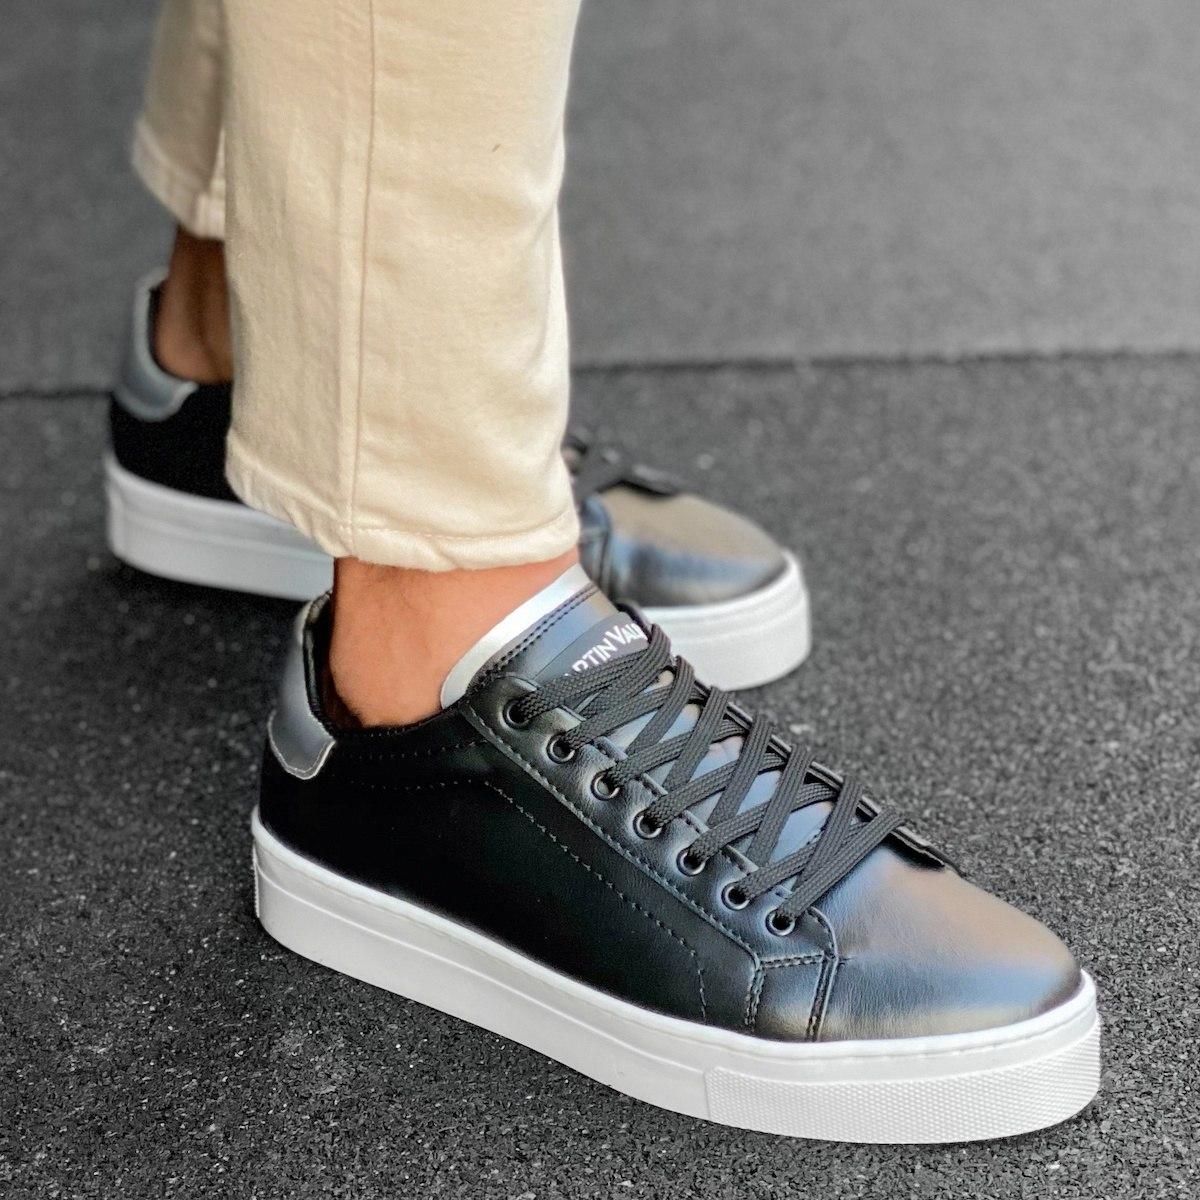 Men's Flat Sole Low Sneakers In Black-Silver